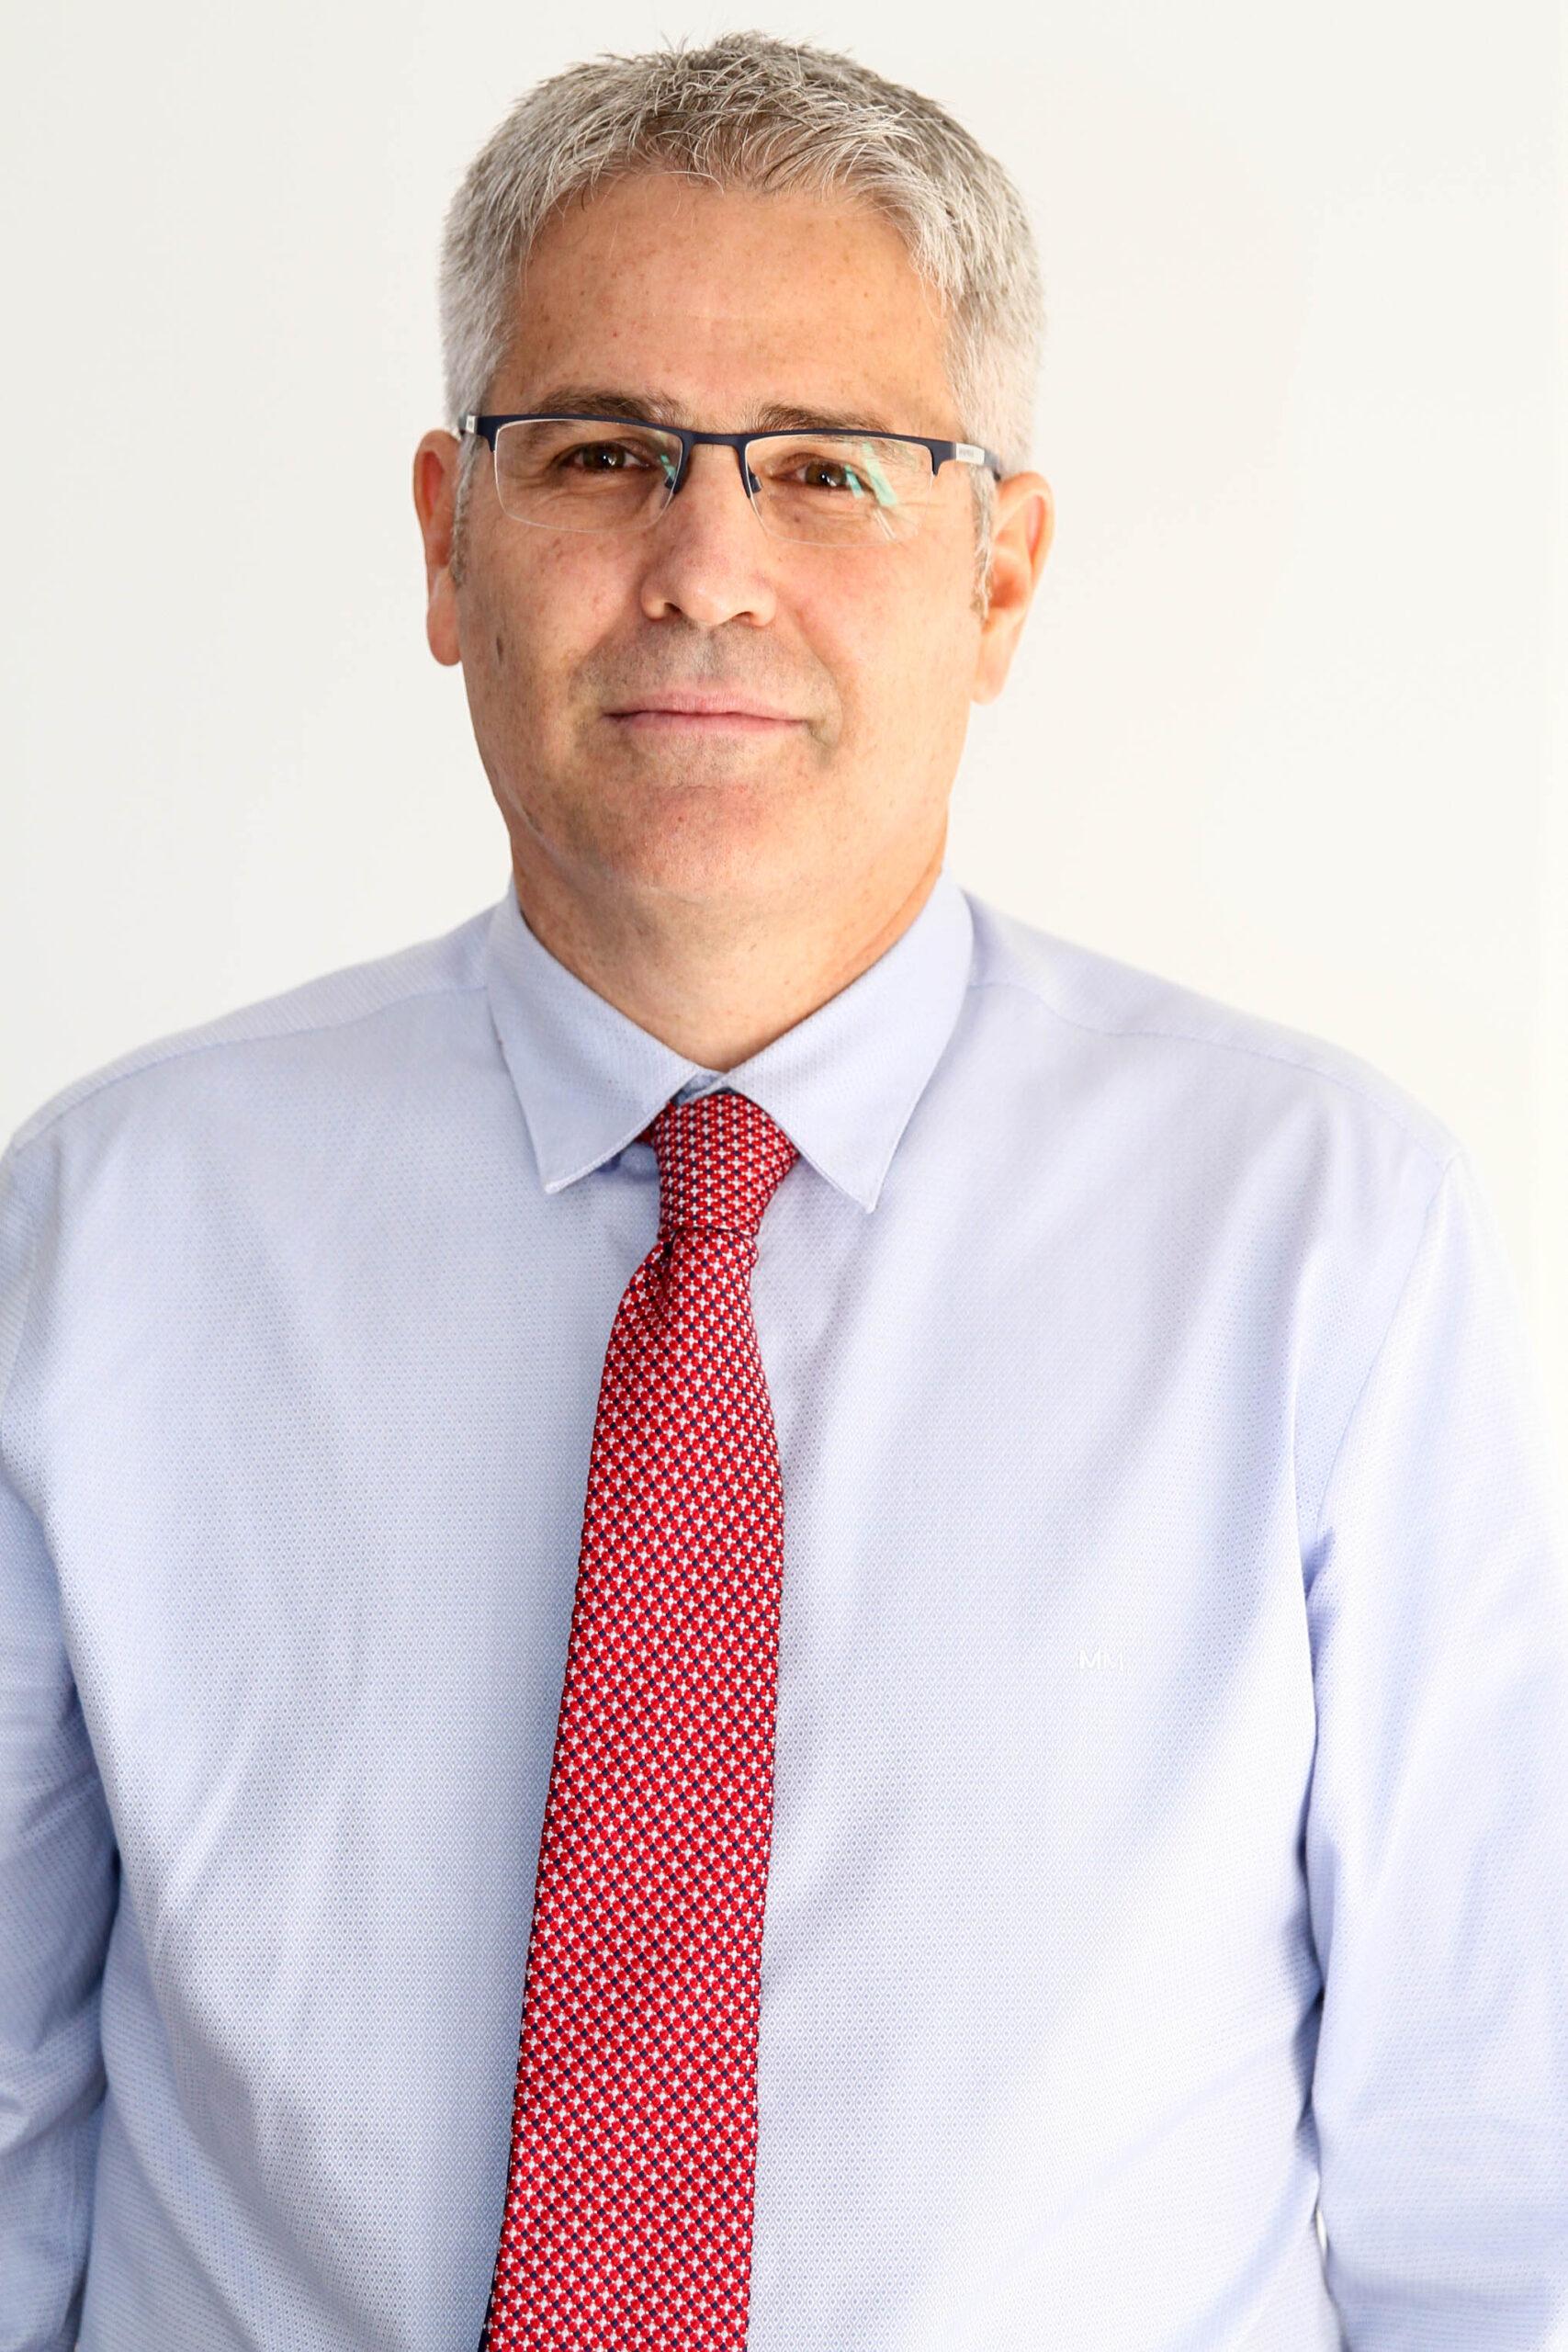 Read more about the article פרופ' גור אלרואי נבחר לתפקיד רקטור אוניברסיטת חיפה